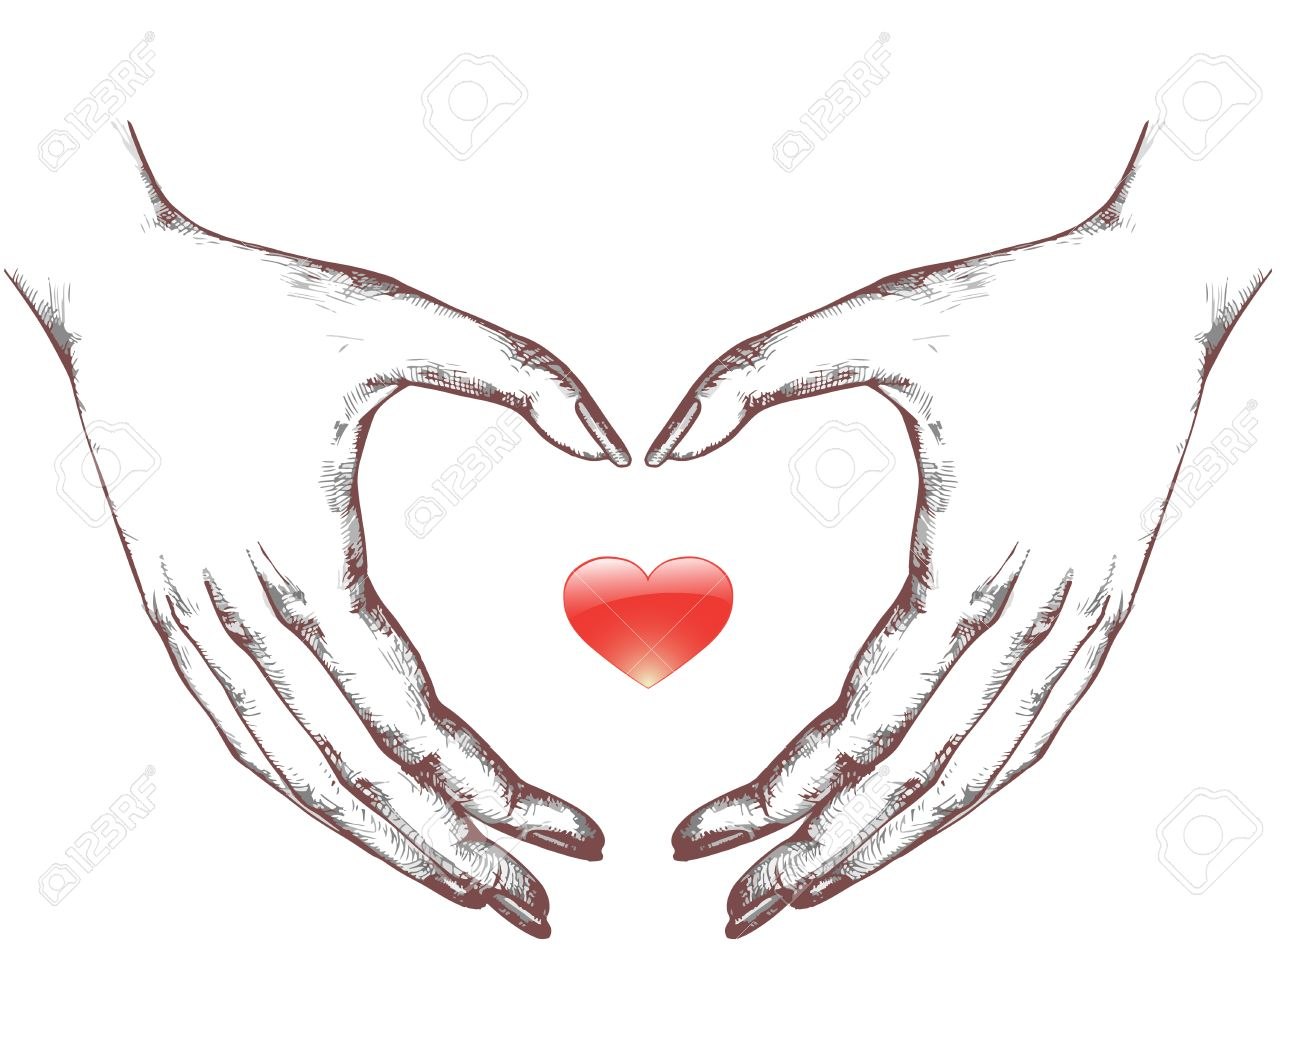 Dibujo De Manos De La Mujer Construidos En Forma De Corazón